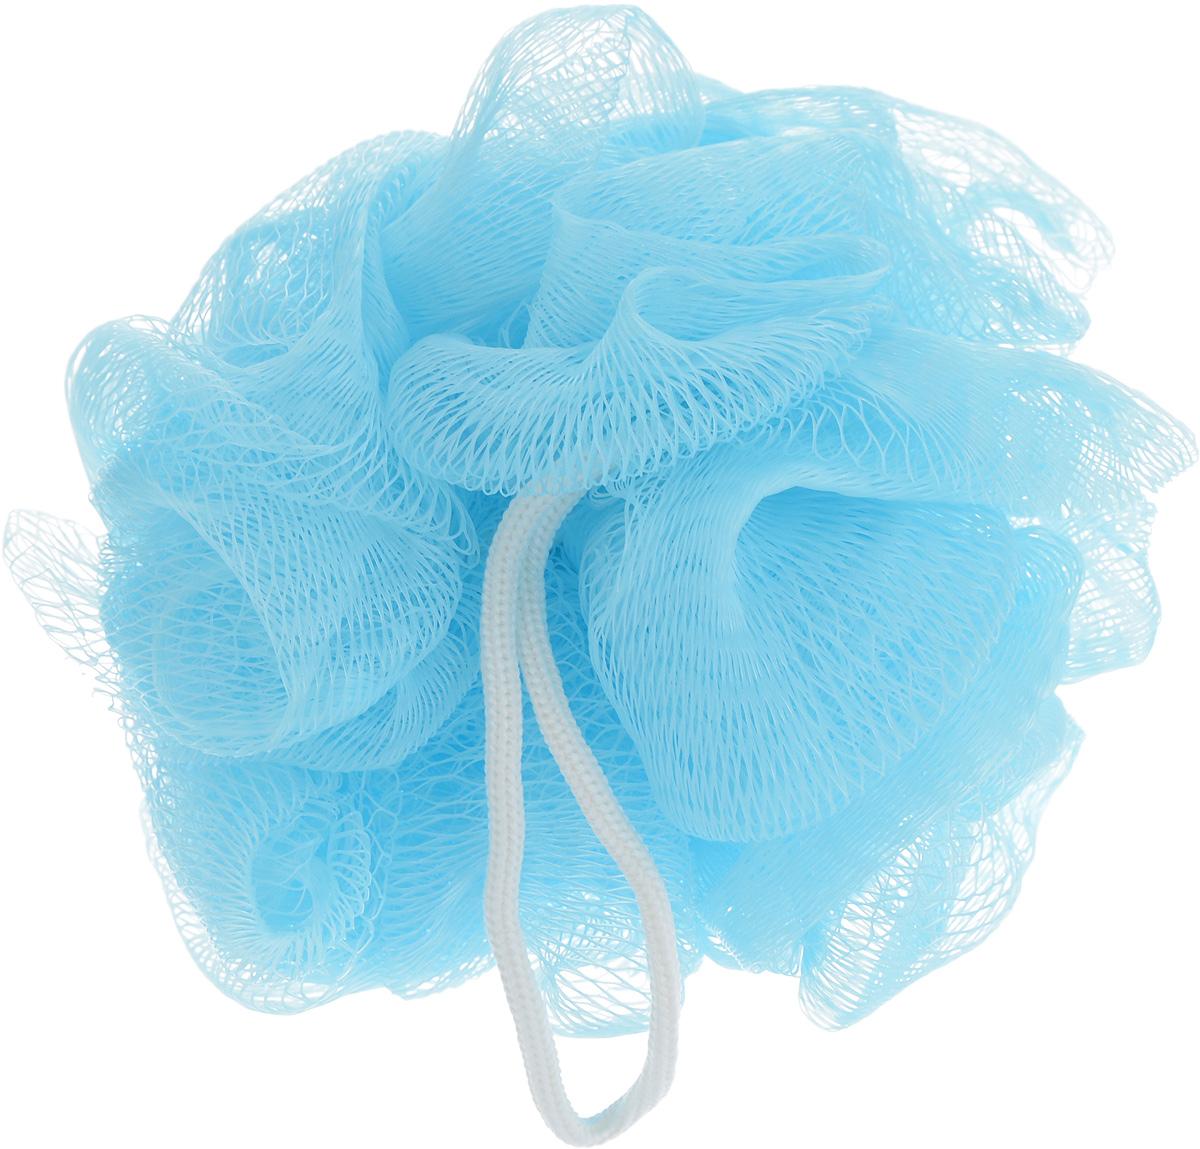 Мочалка The Body Time, цвет: голубой57198_голубойМочалка The Body Time, выполненная из нейлона, предназначена для мягкого очищения кожи. Она станет незаменимым аксессуаром ванной комнаты. Мочалка отлично пенится, обладает легким массажным воздействием, идеально подходит для нежной и чувствительной кожи. На мочалке имеется удобная петля для подвешивания. Диаметр: 10 см.